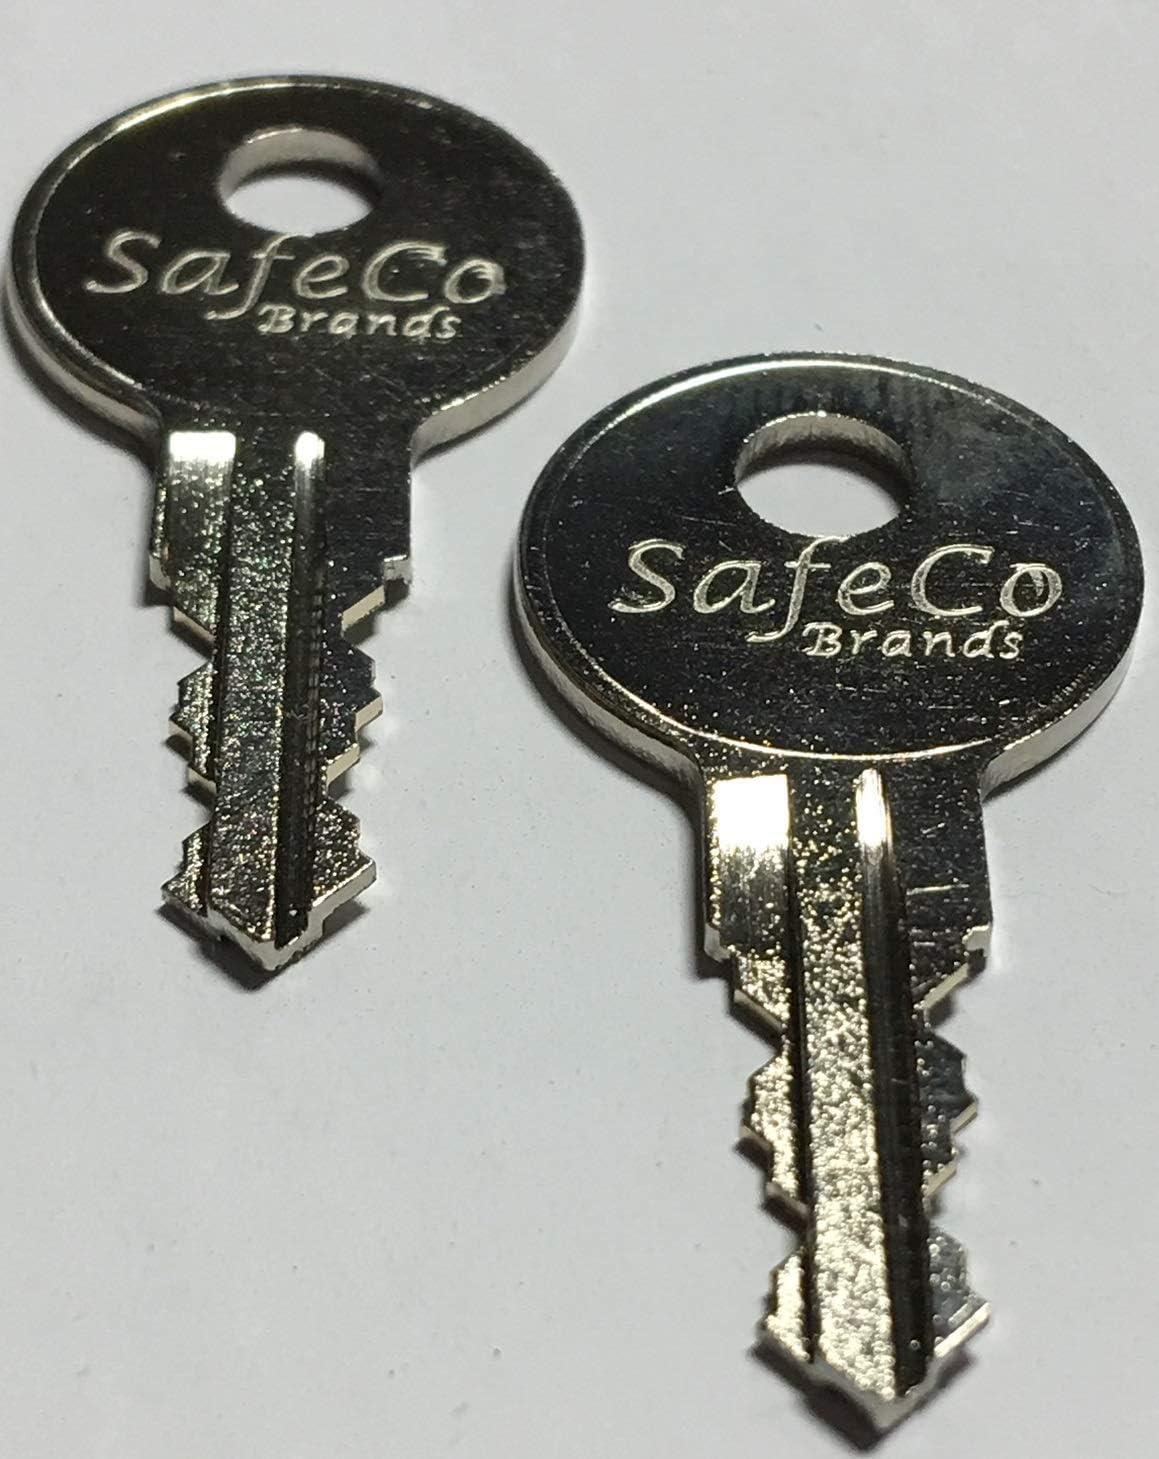 2-Keys For Better Built Tool Box Key Code Series J201 thru J220 SafeCo Brands J210